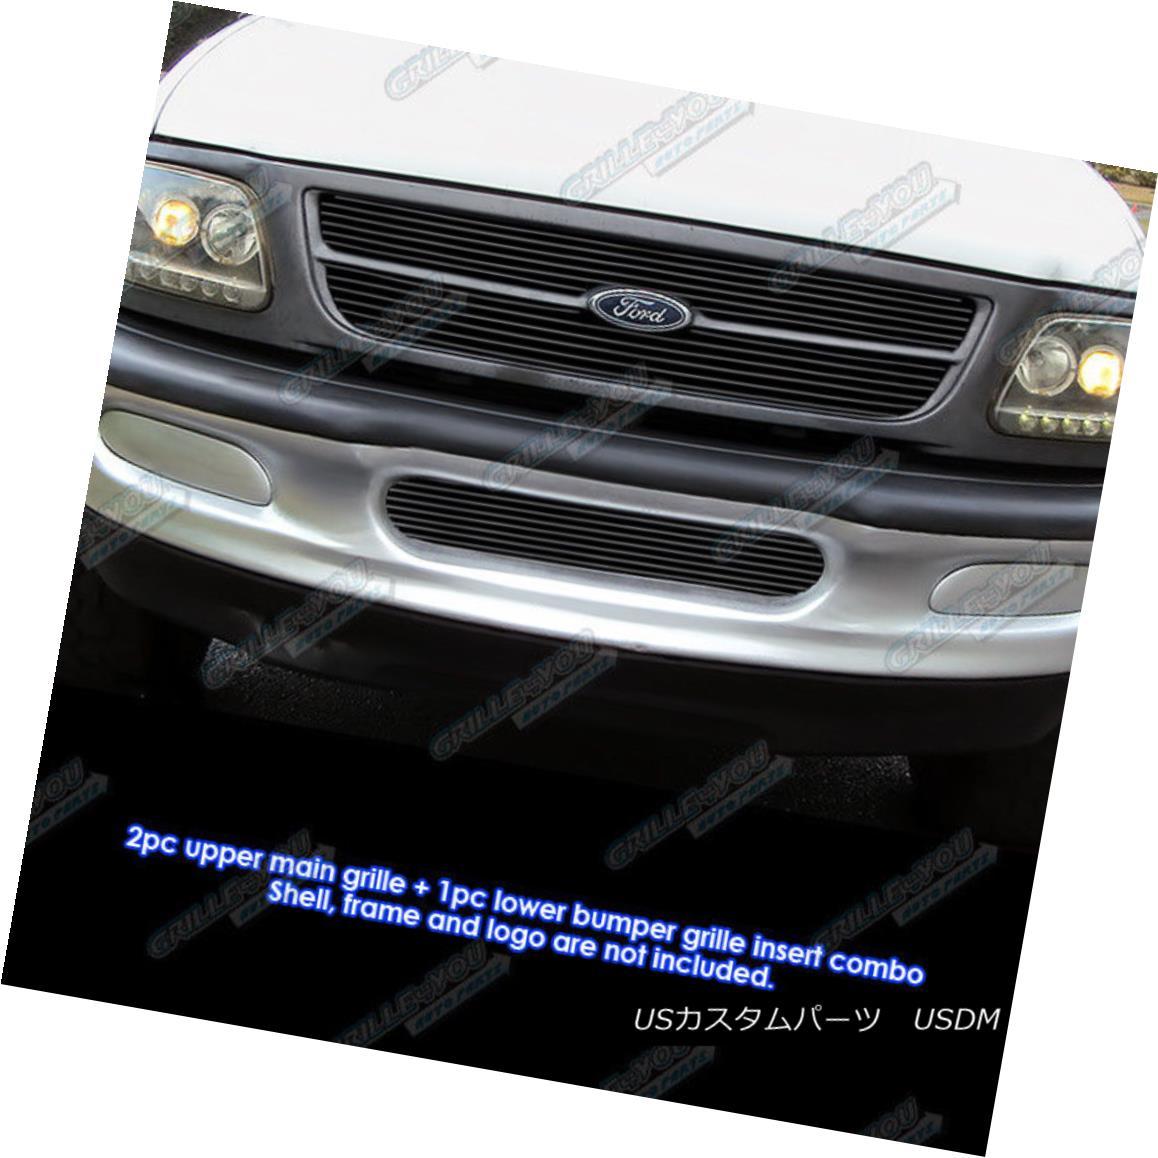 グリル For 1997-1998 Ford Expedition/ F-150 Bar Style 4WD Black Billet Grille Combo 1997-1998 Ford Expedition / F-150バースタイル4WDブラックビレットグリルコンボ用